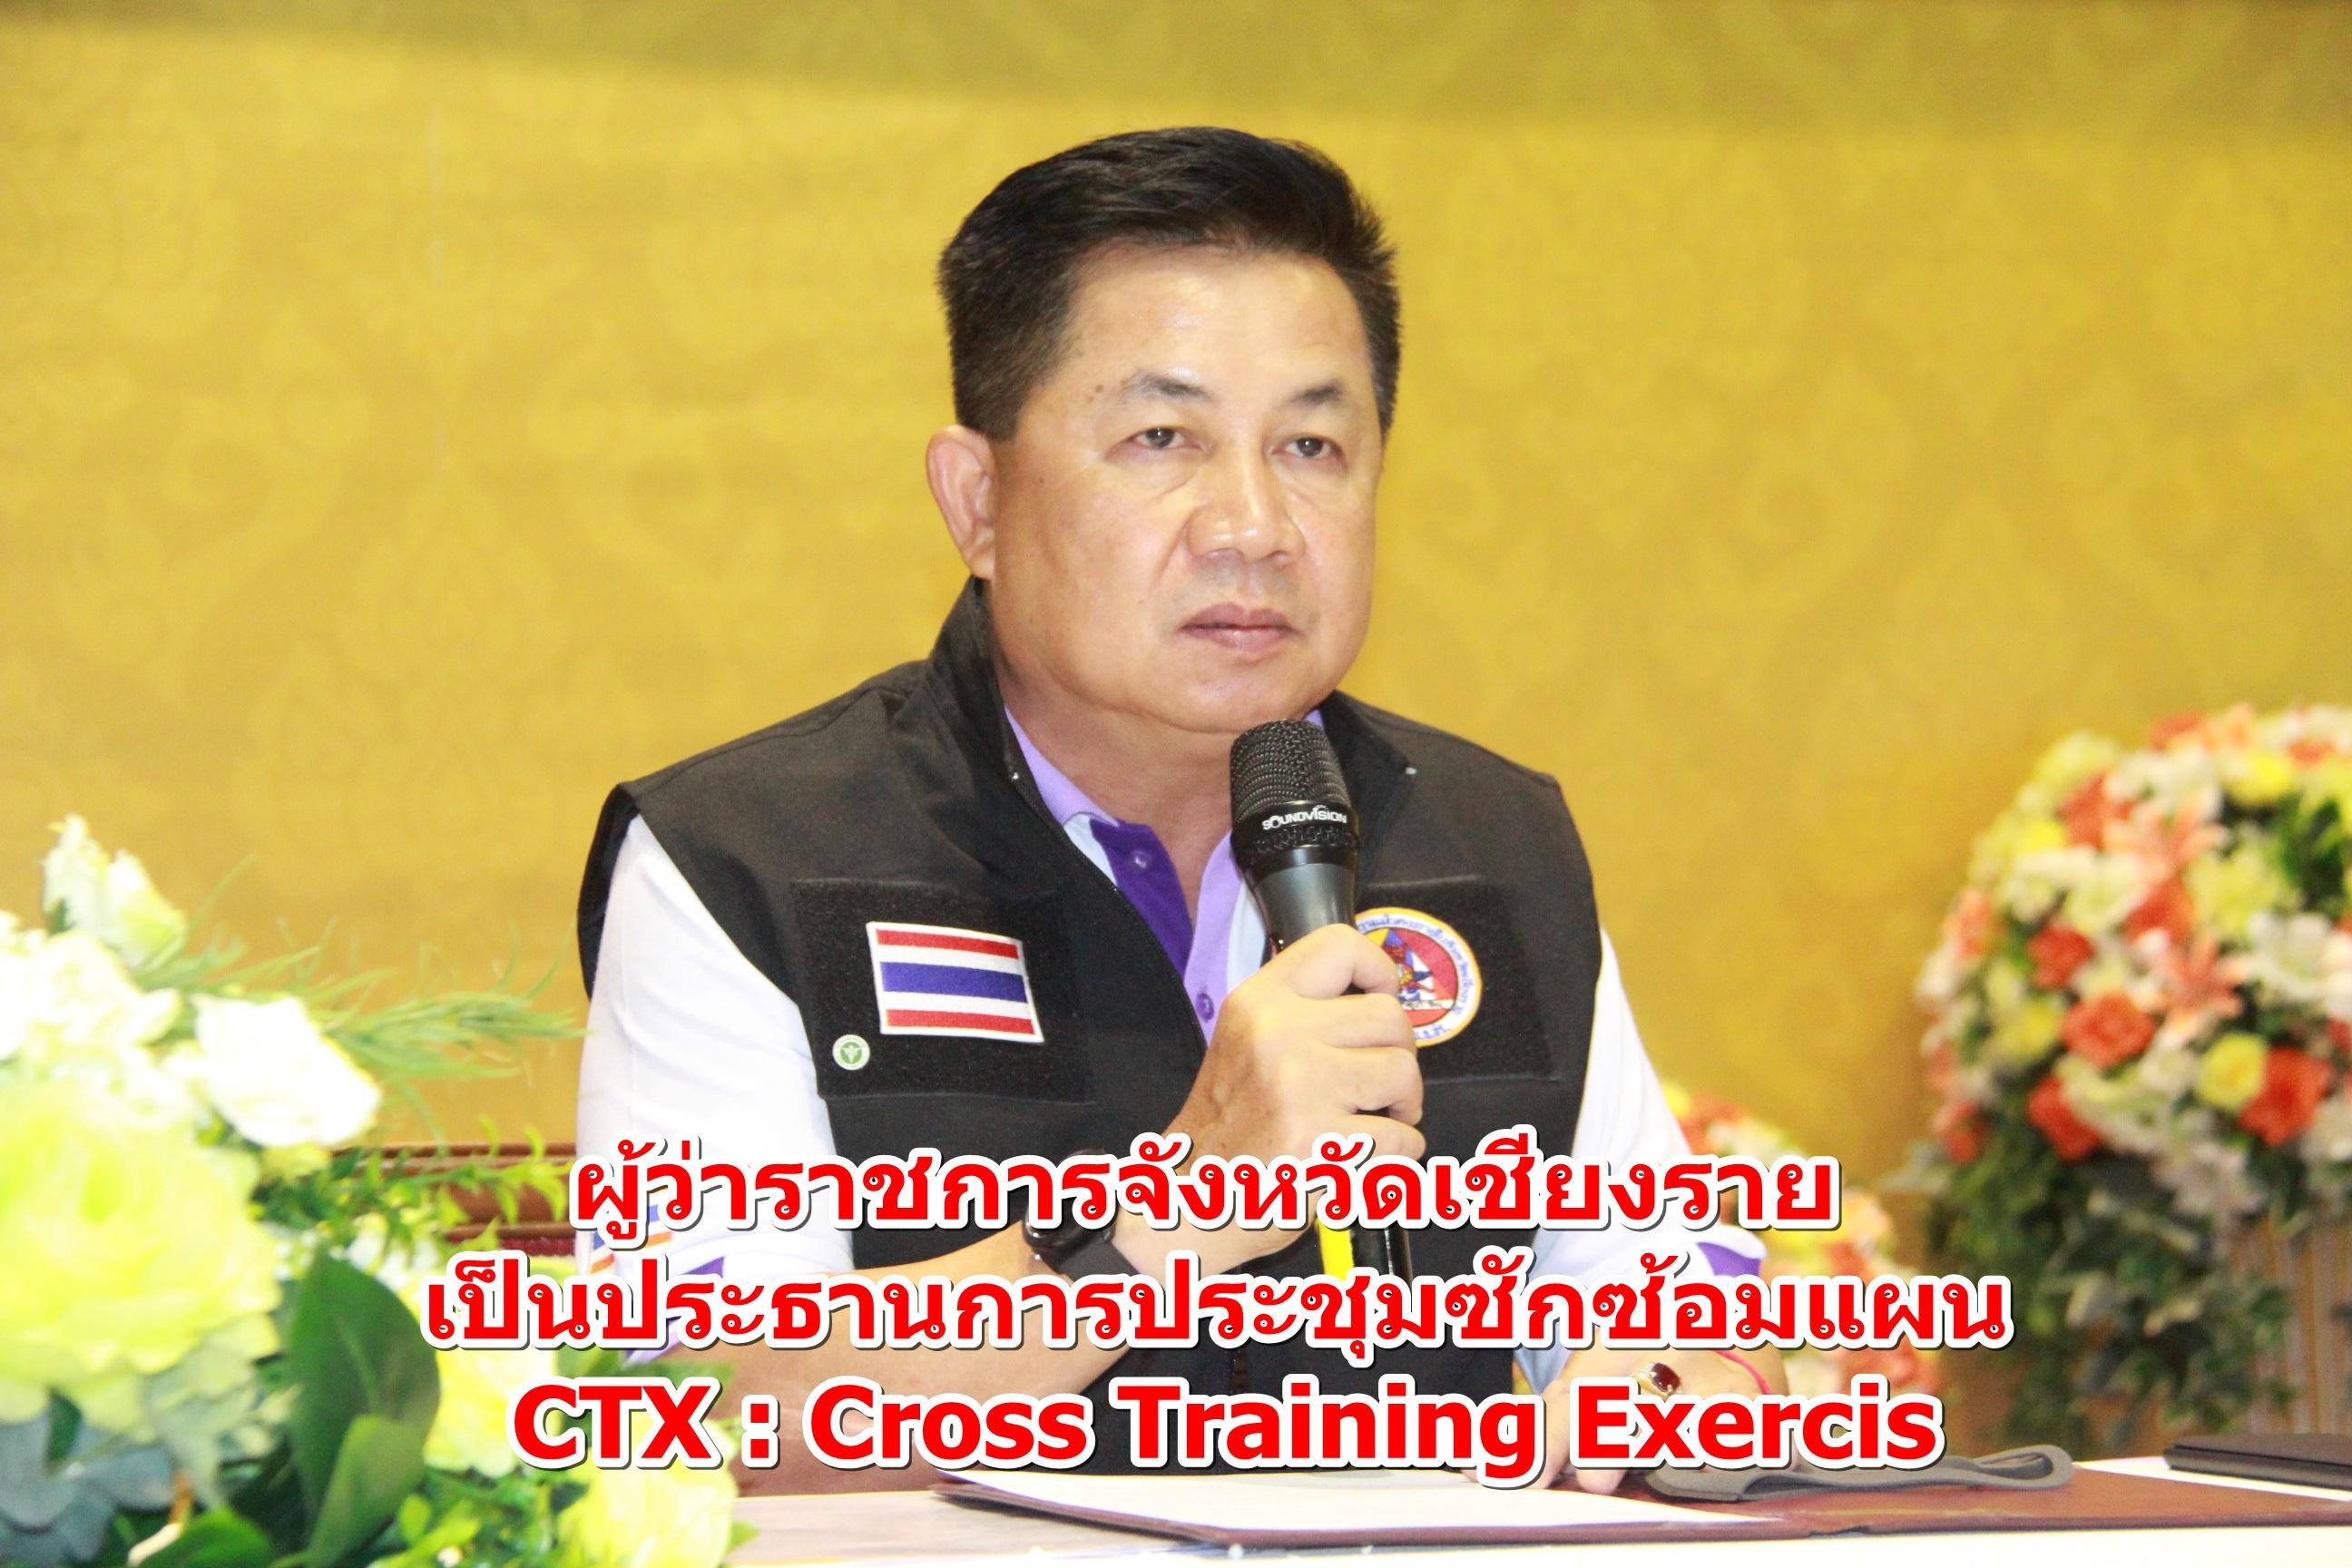 ผู้ว่าราชการจังหวัดเชียงราย เป็นประธานการประชุมซักซ้อมแผน CTX : Cross Training Exercise